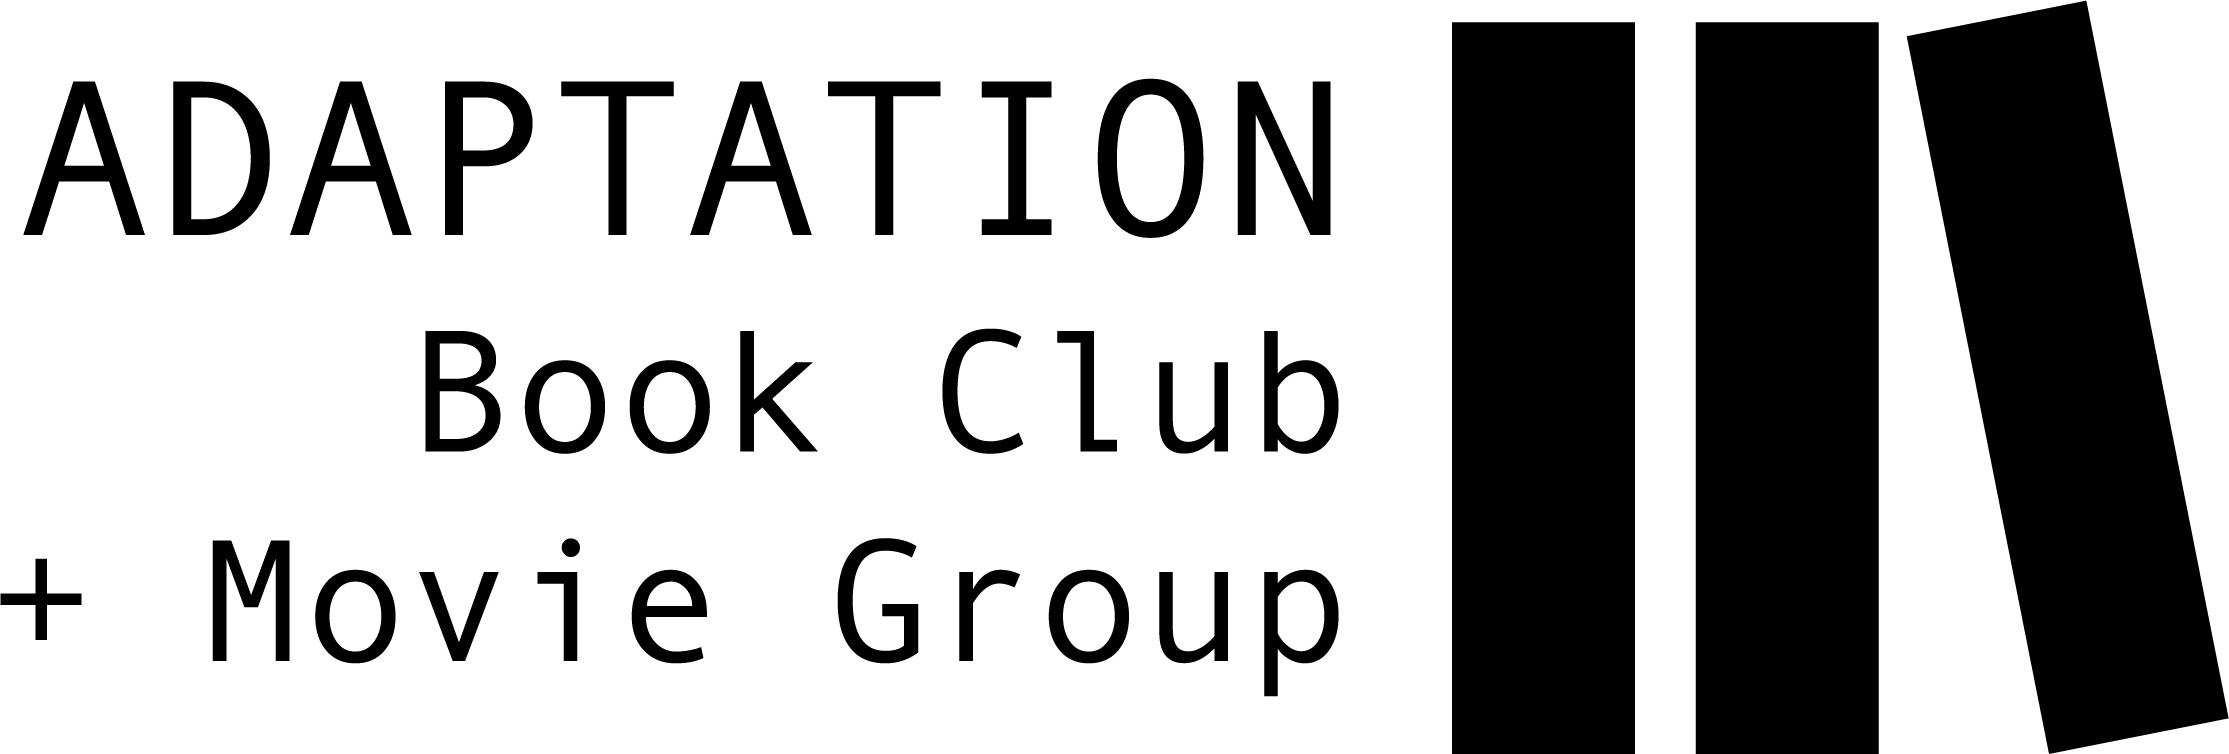 Adaptation Logo.jpg